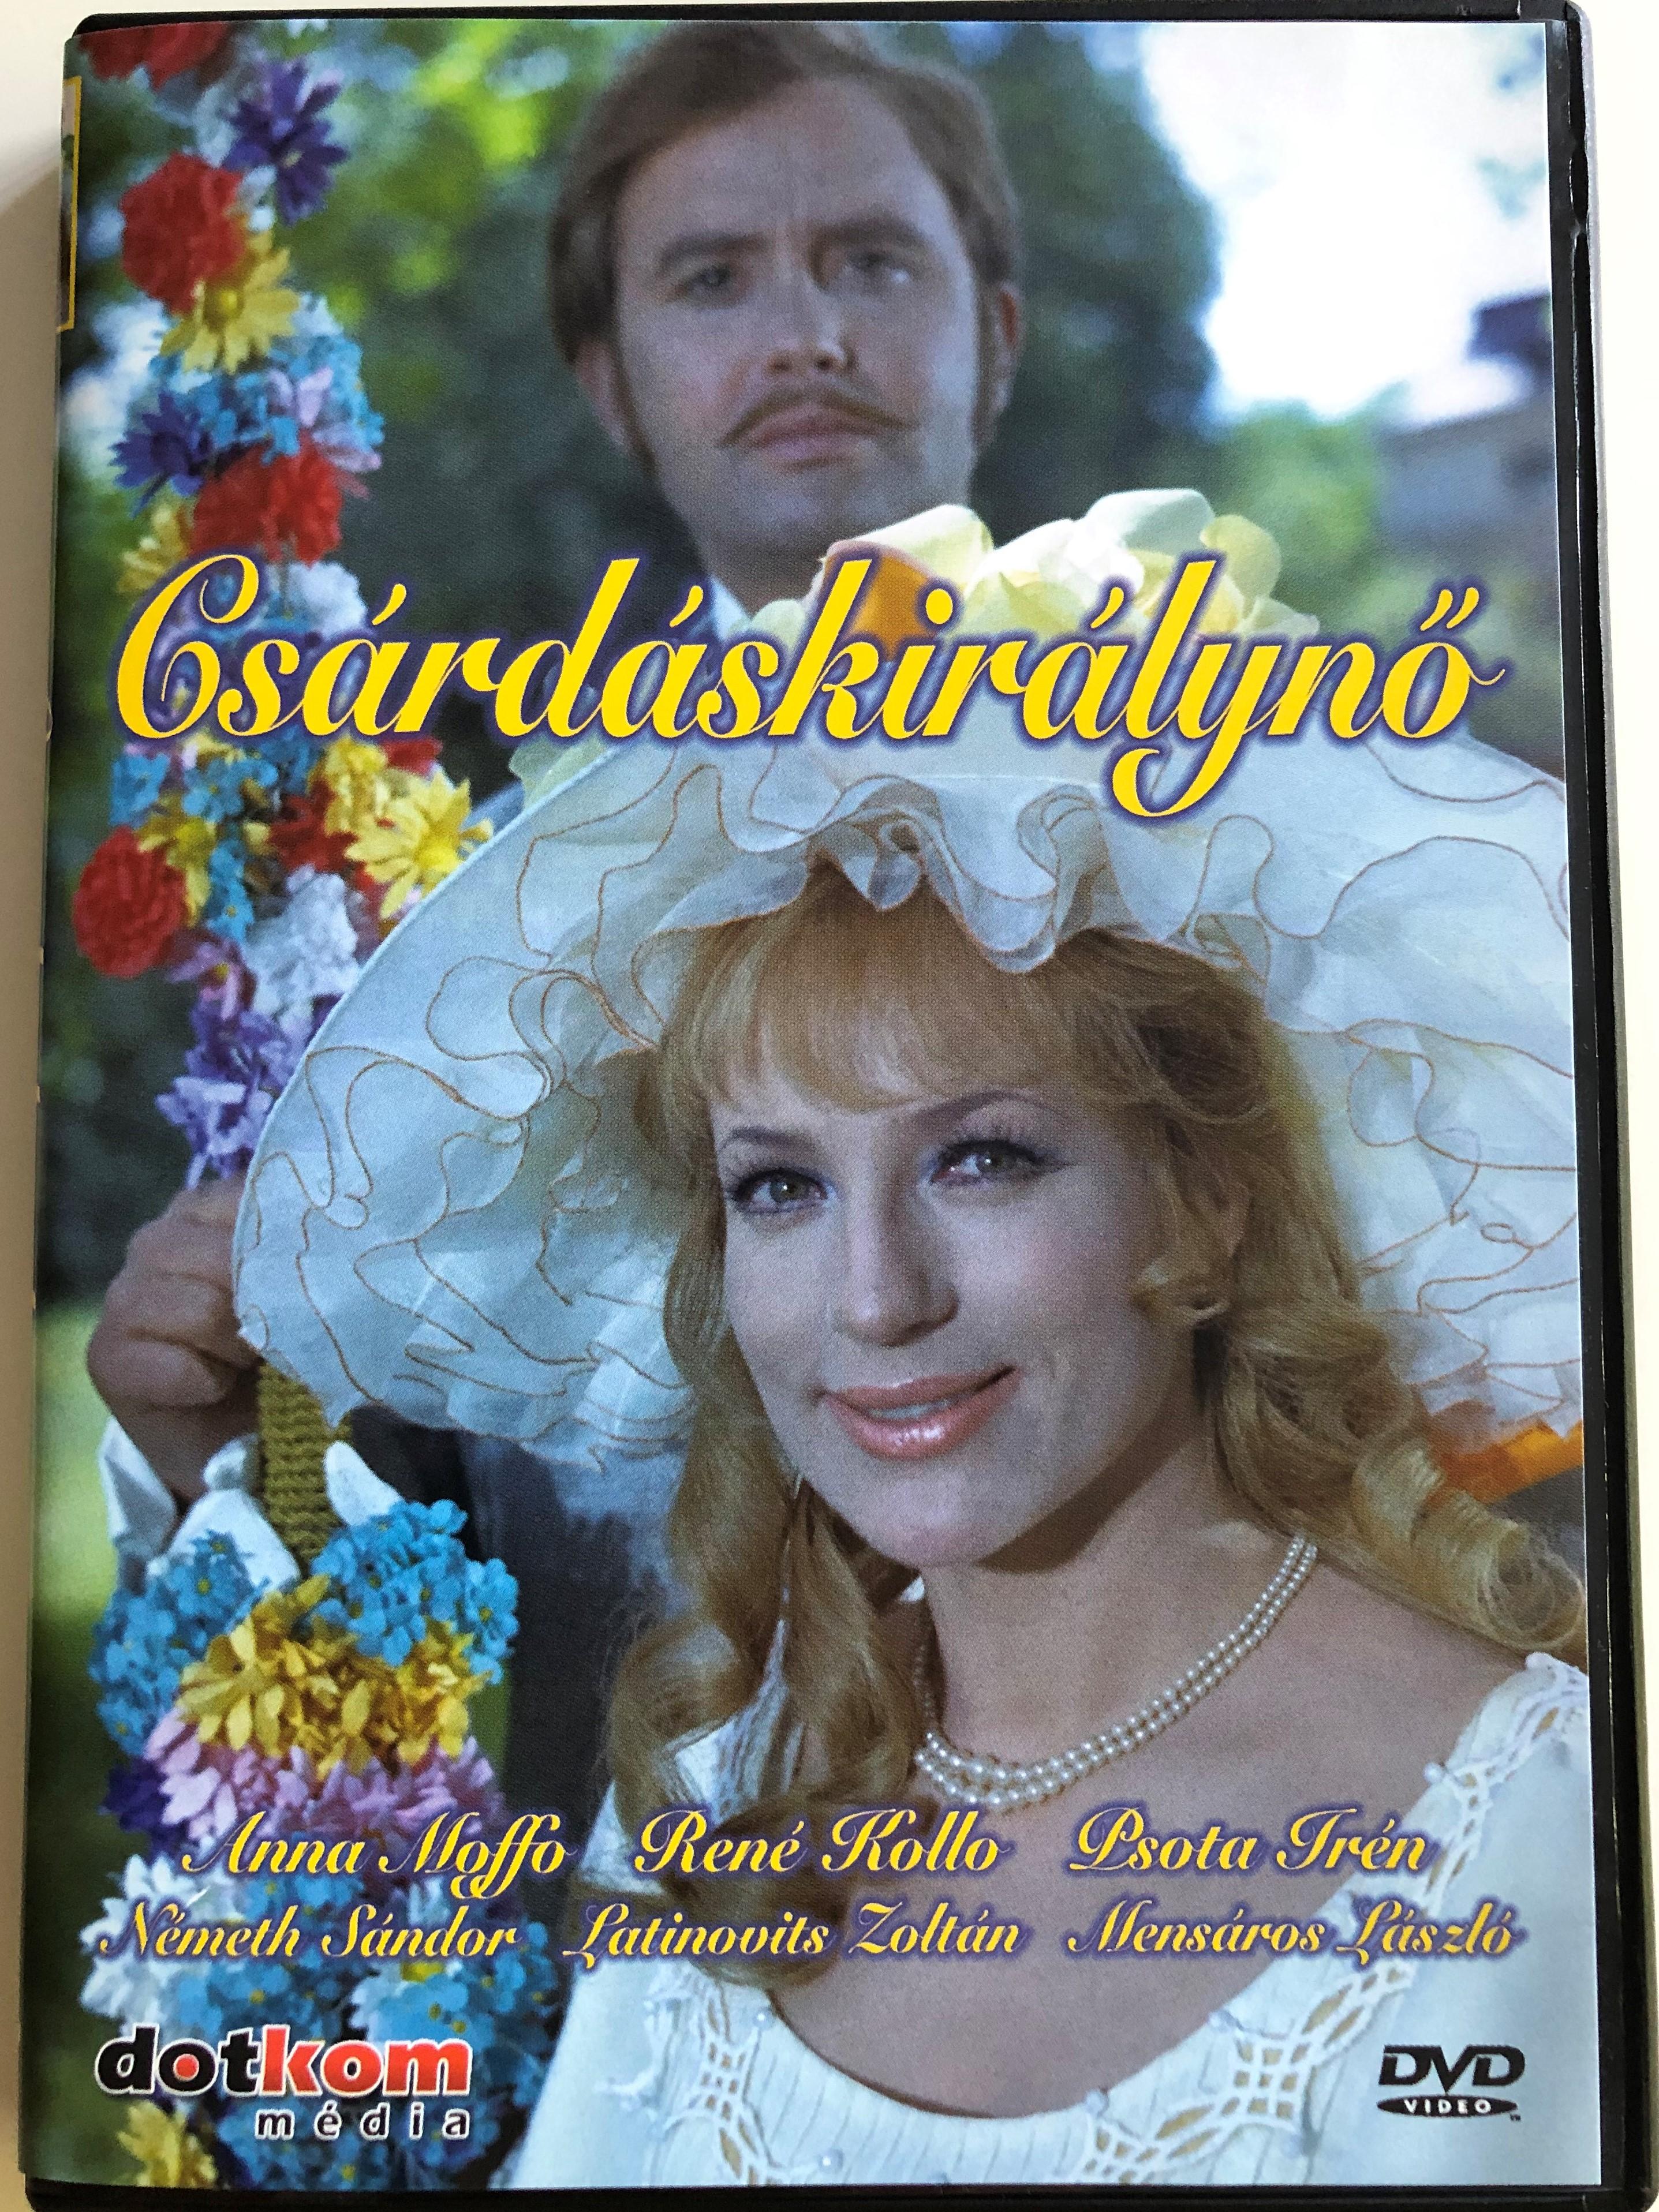 cs-rd-skir-lyn-dvd-1971-die-cs-rd-sf-rstin-the-cs-rd-s-princess-directed-by-szinet-r-mikl-s-starring-anna-moffo-ren-kollo-psota-ir-n-n-meth-s-ndor-latinovits-zolt-n-mens-ros-l-szl-1-.jpg